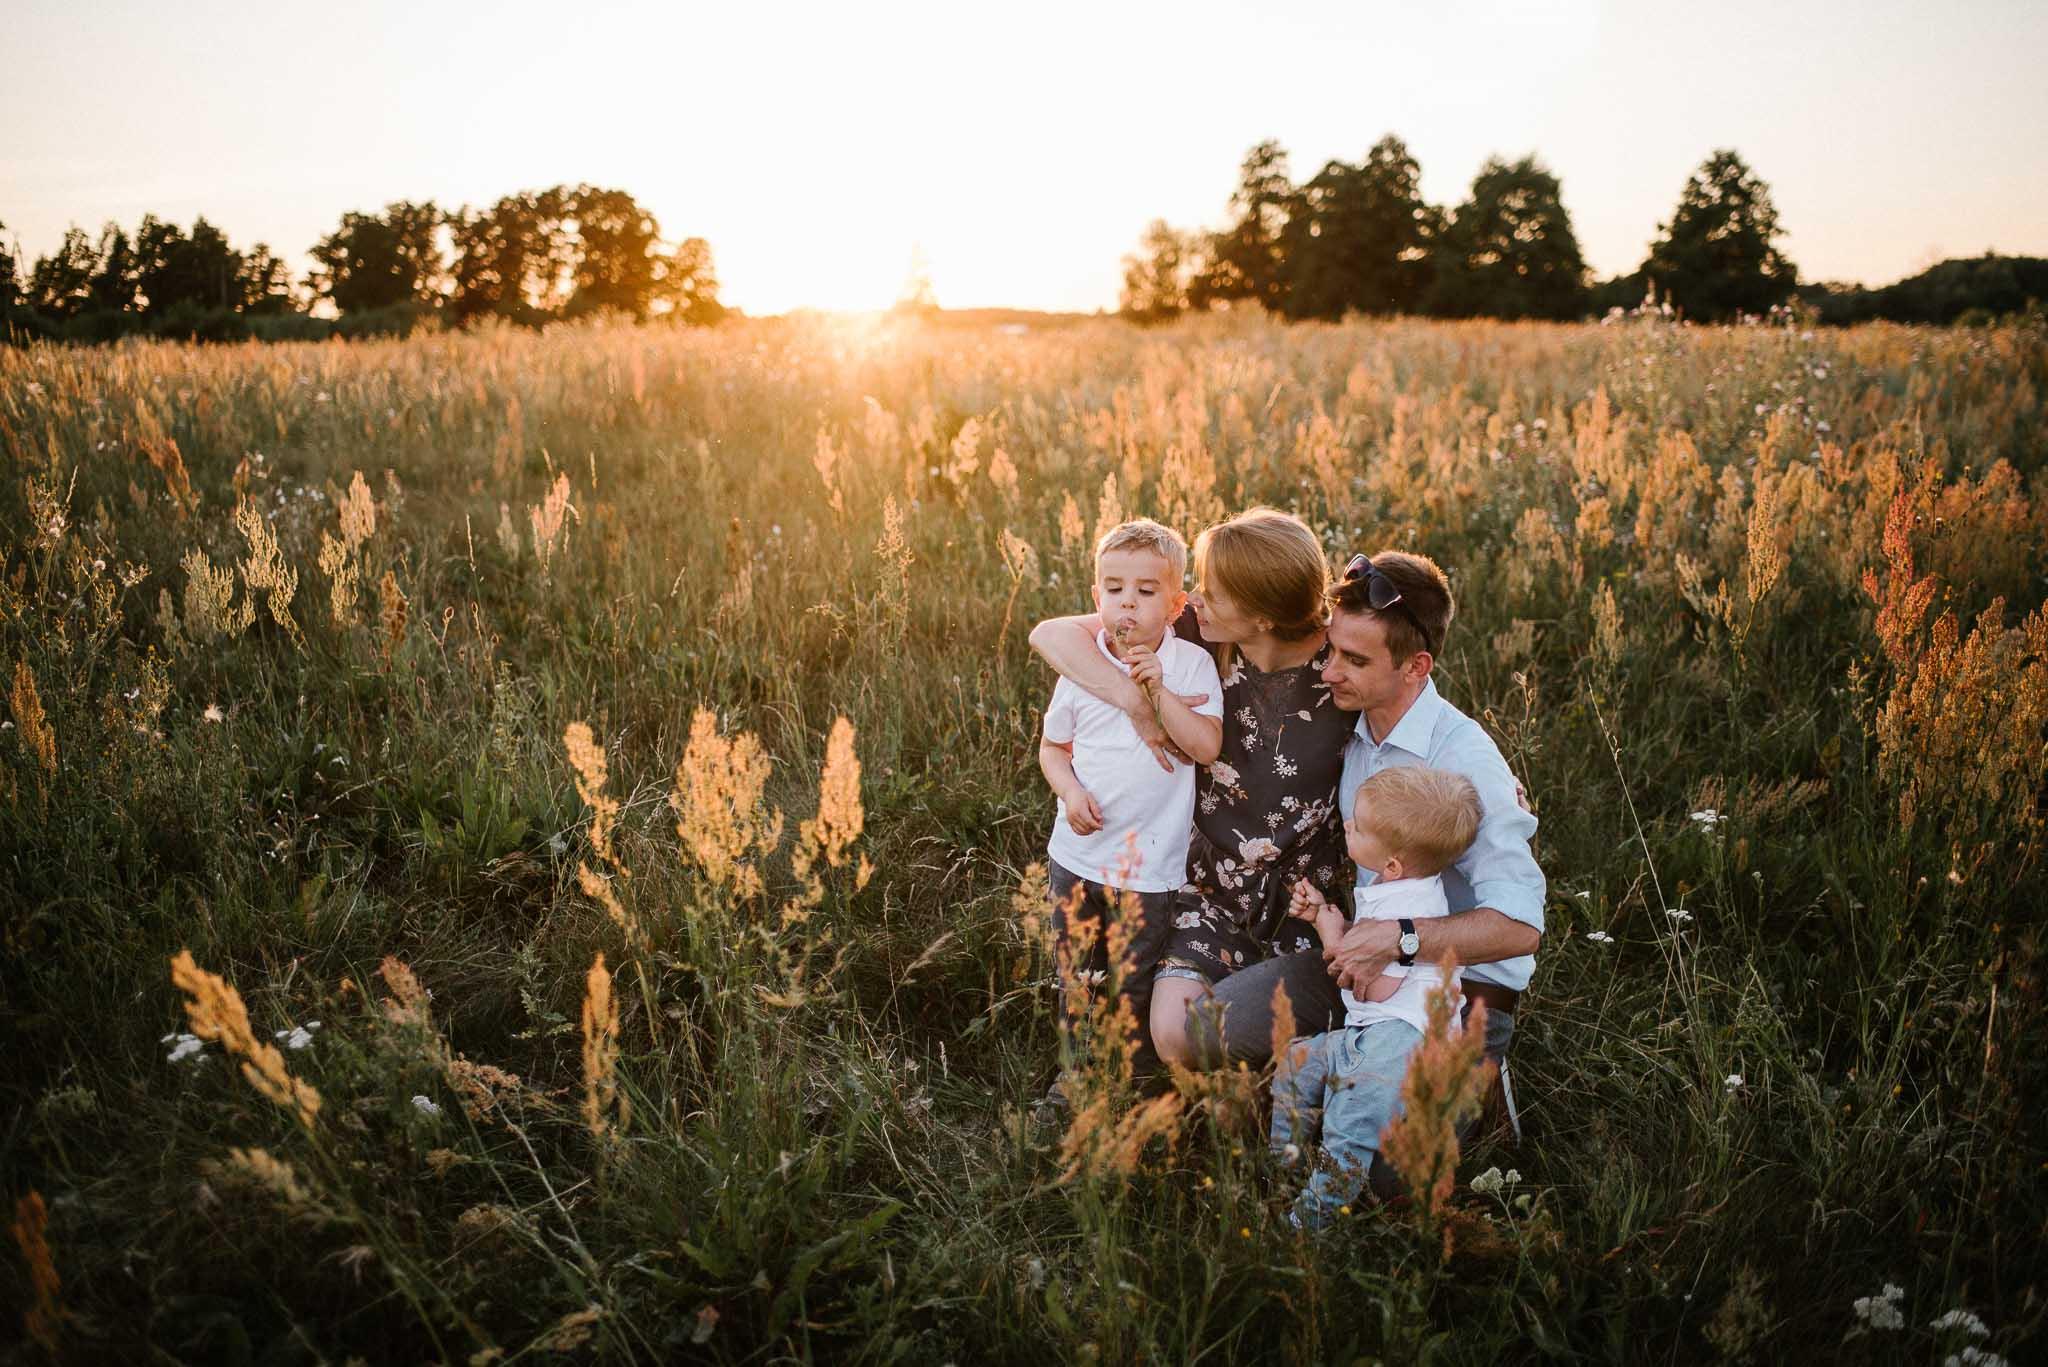 Rodzina na łące podczas zachodu słońca - sesja rodzinna w plenerze na łące w Poznaniu